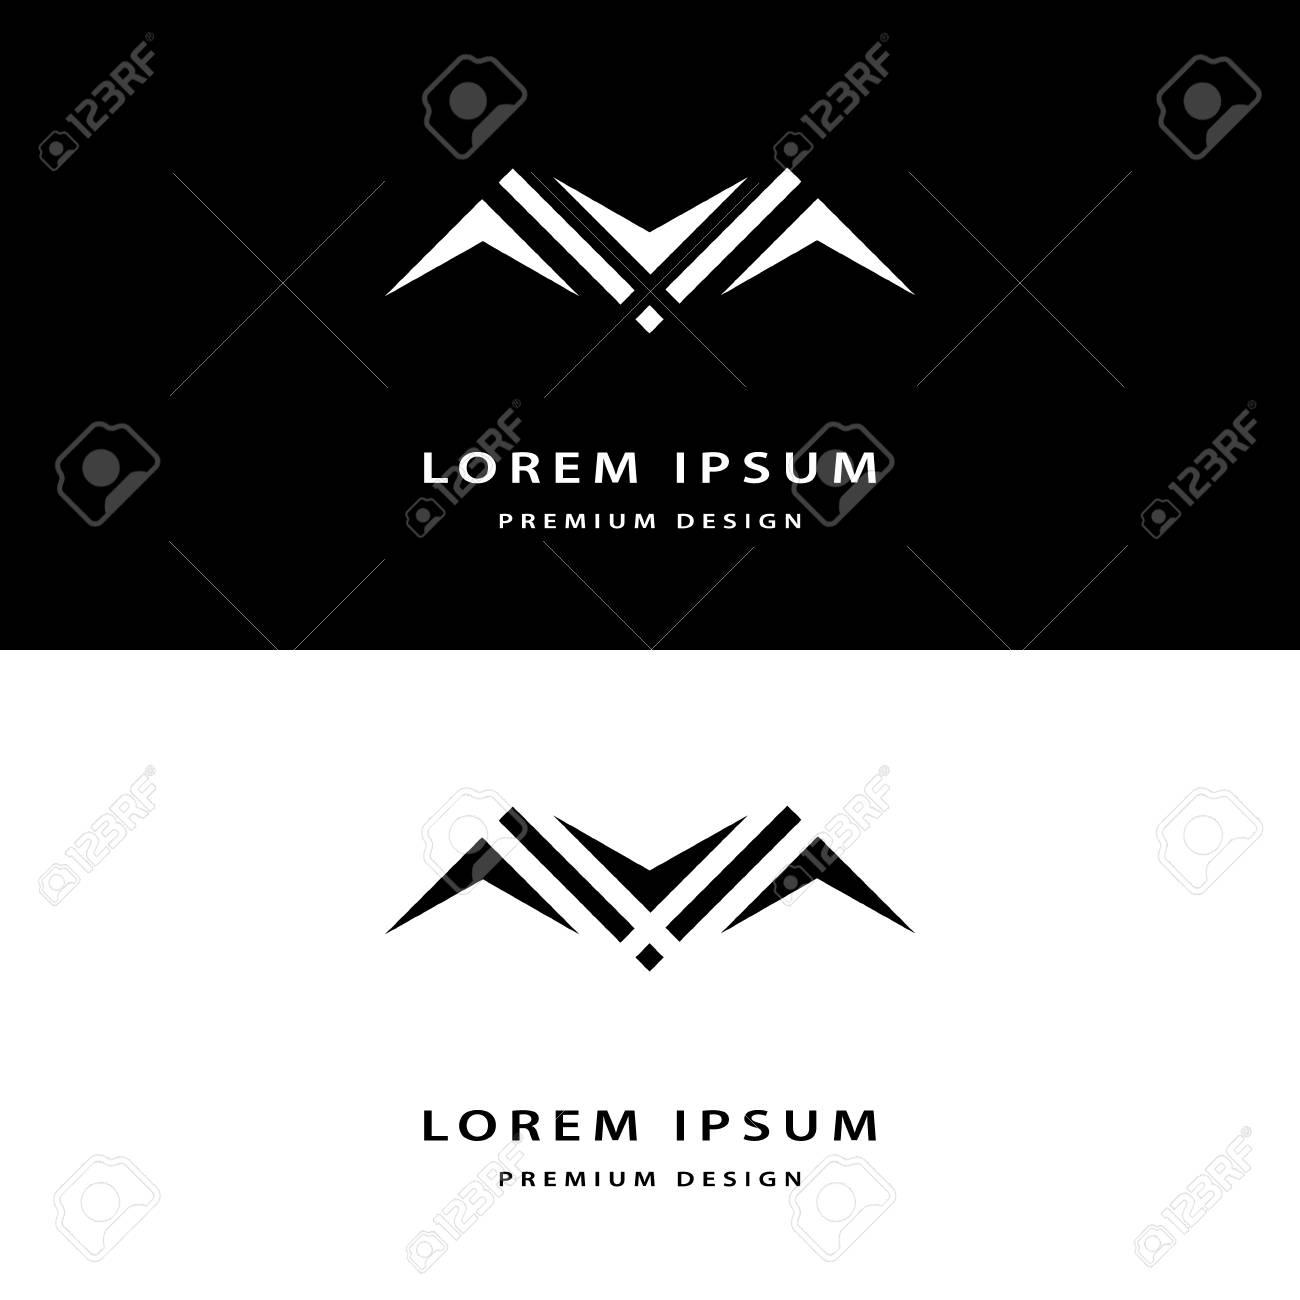 Les Elements Creatifs De Conception Icone Monogramme Avec Cartes Visite Professionnelles Gracieuse Lart La Ligne Elegante Logo